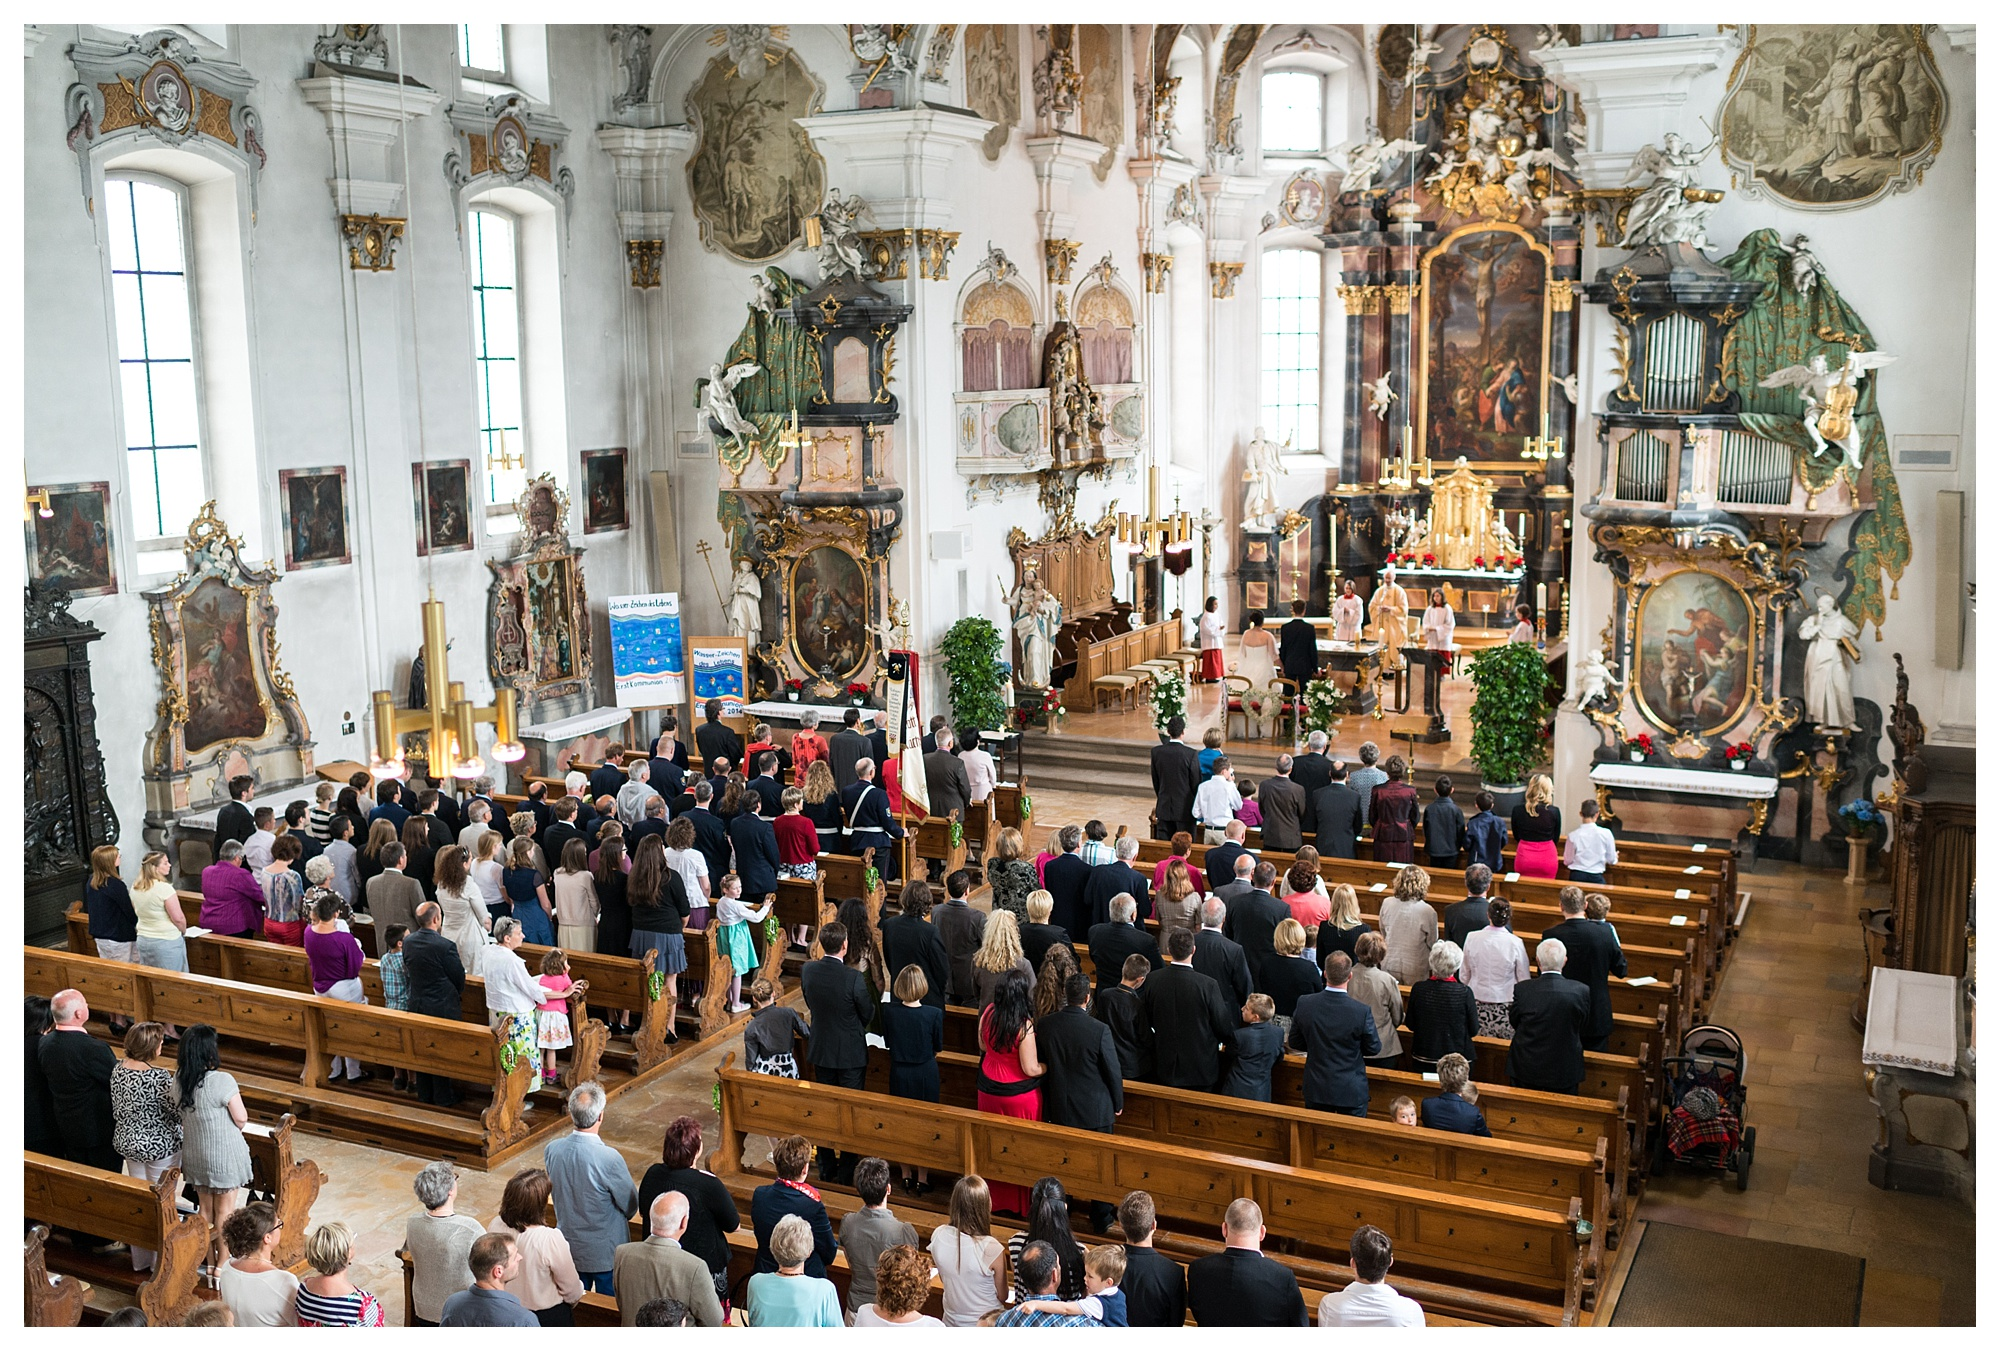 Fotograf Konstanz - Hochzeit Tanja Elmar Elmar Feuerbacher Photography Konstanz Messkirch Highlights 029 - Hochzeitsreportage von Tanja und Elmar im Schloss Meßkirch  - 28 -